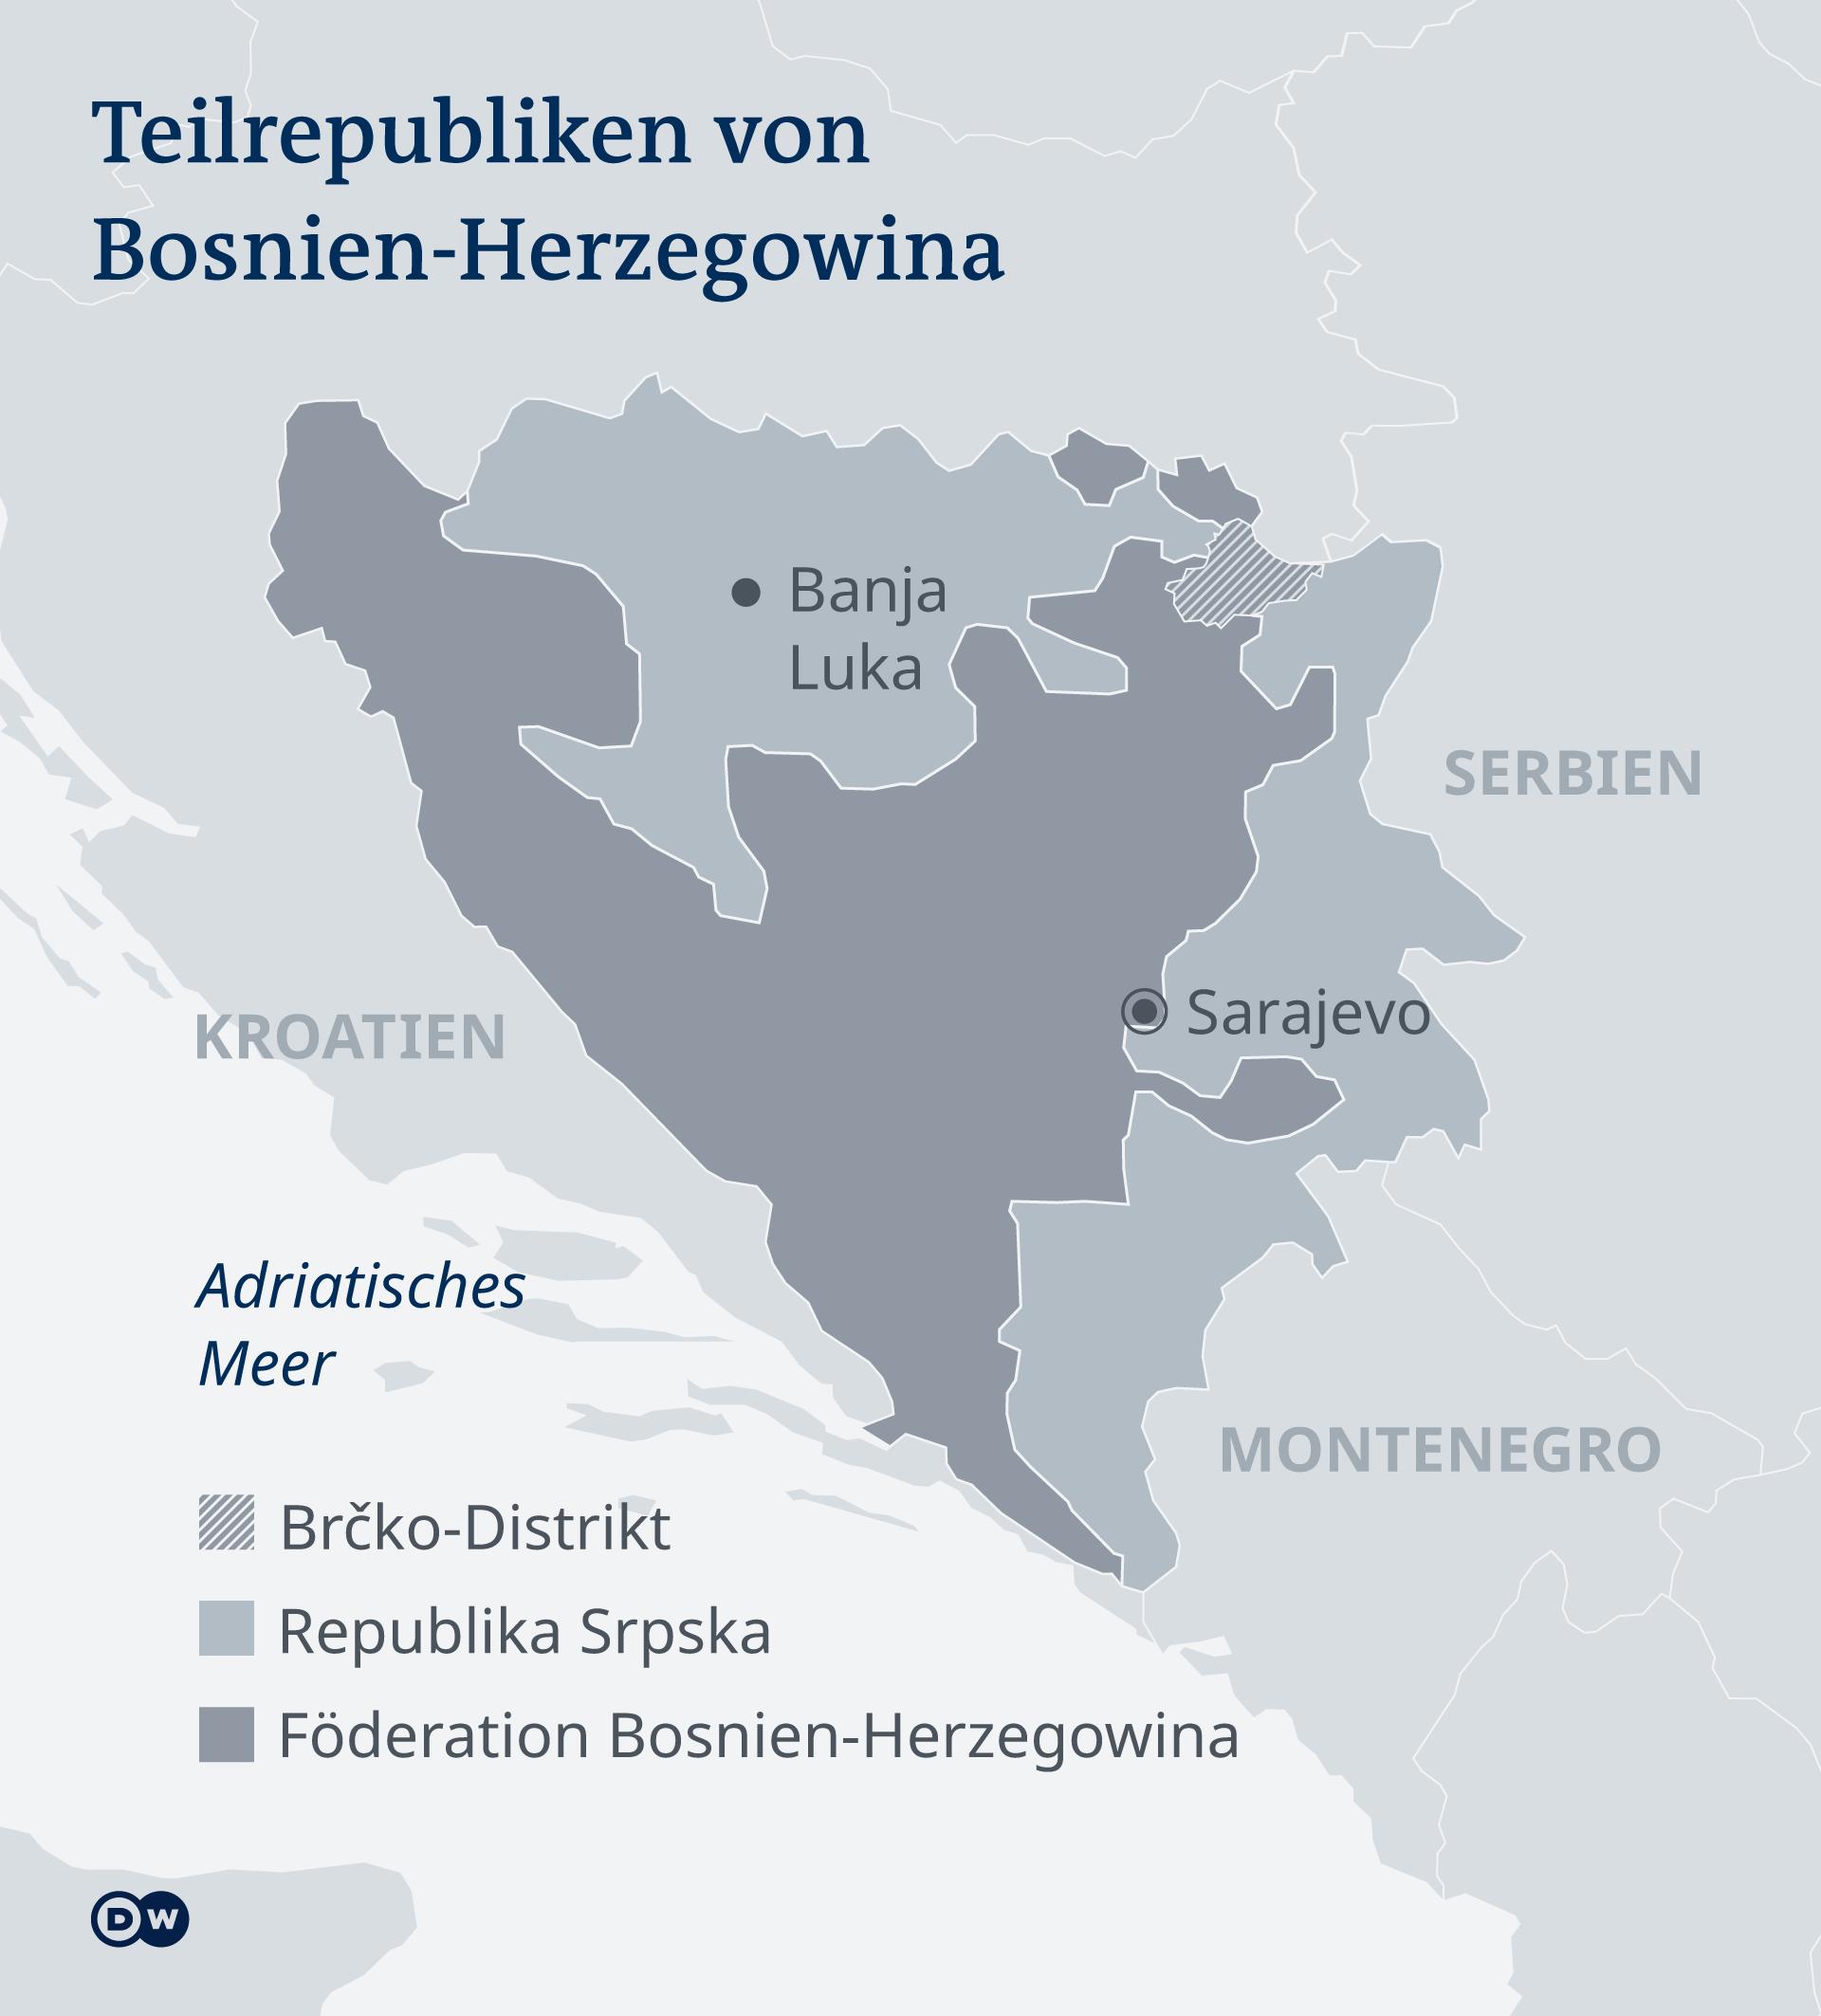 Karte Teilrepubliken Bosnien-Herzegowina